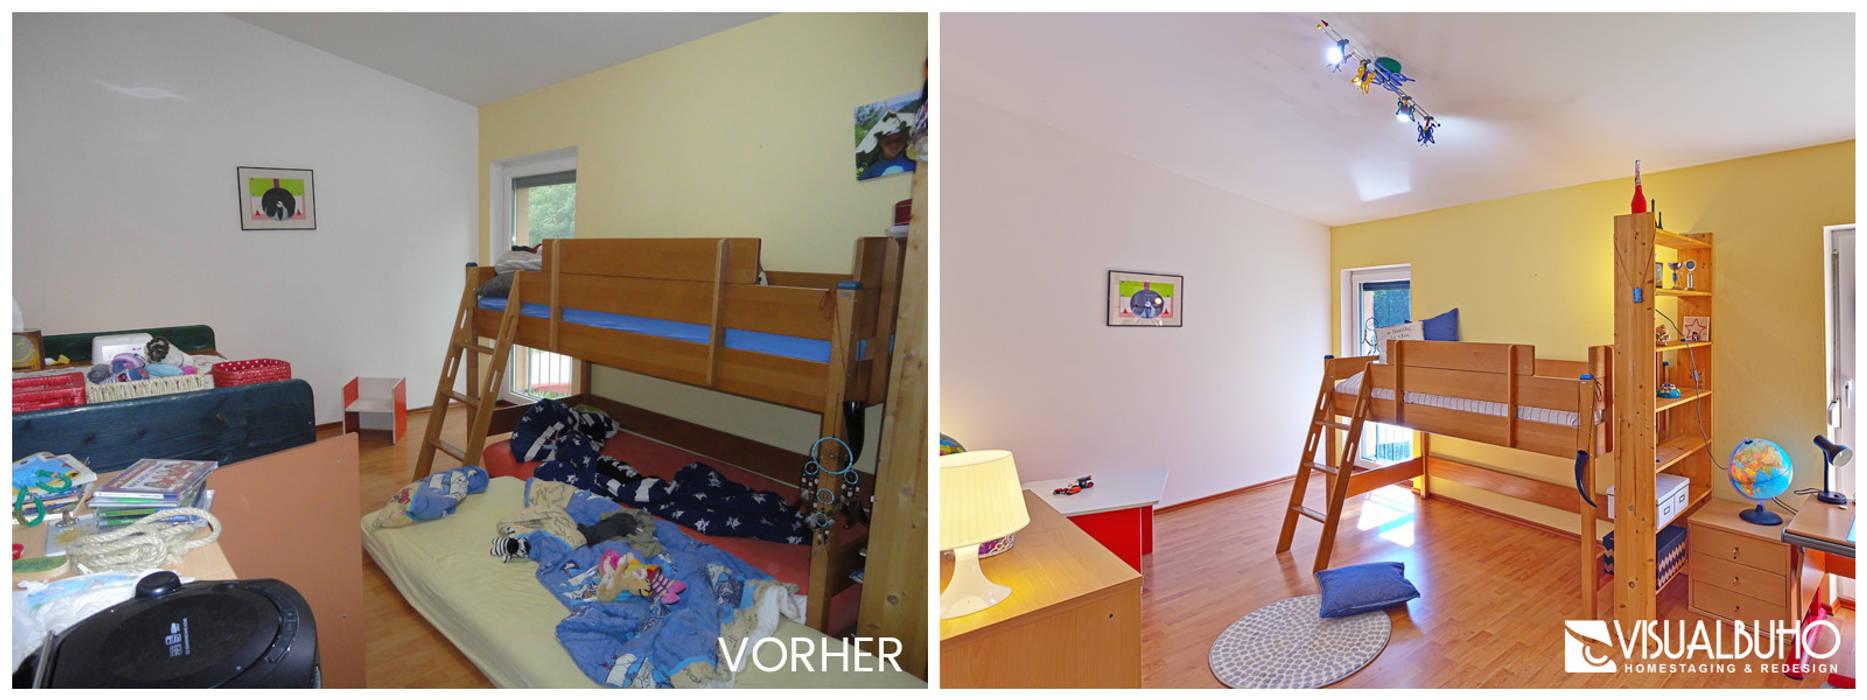 Vorher Nachher Kinderzimmer Kinderzimmer Von Visual Buho